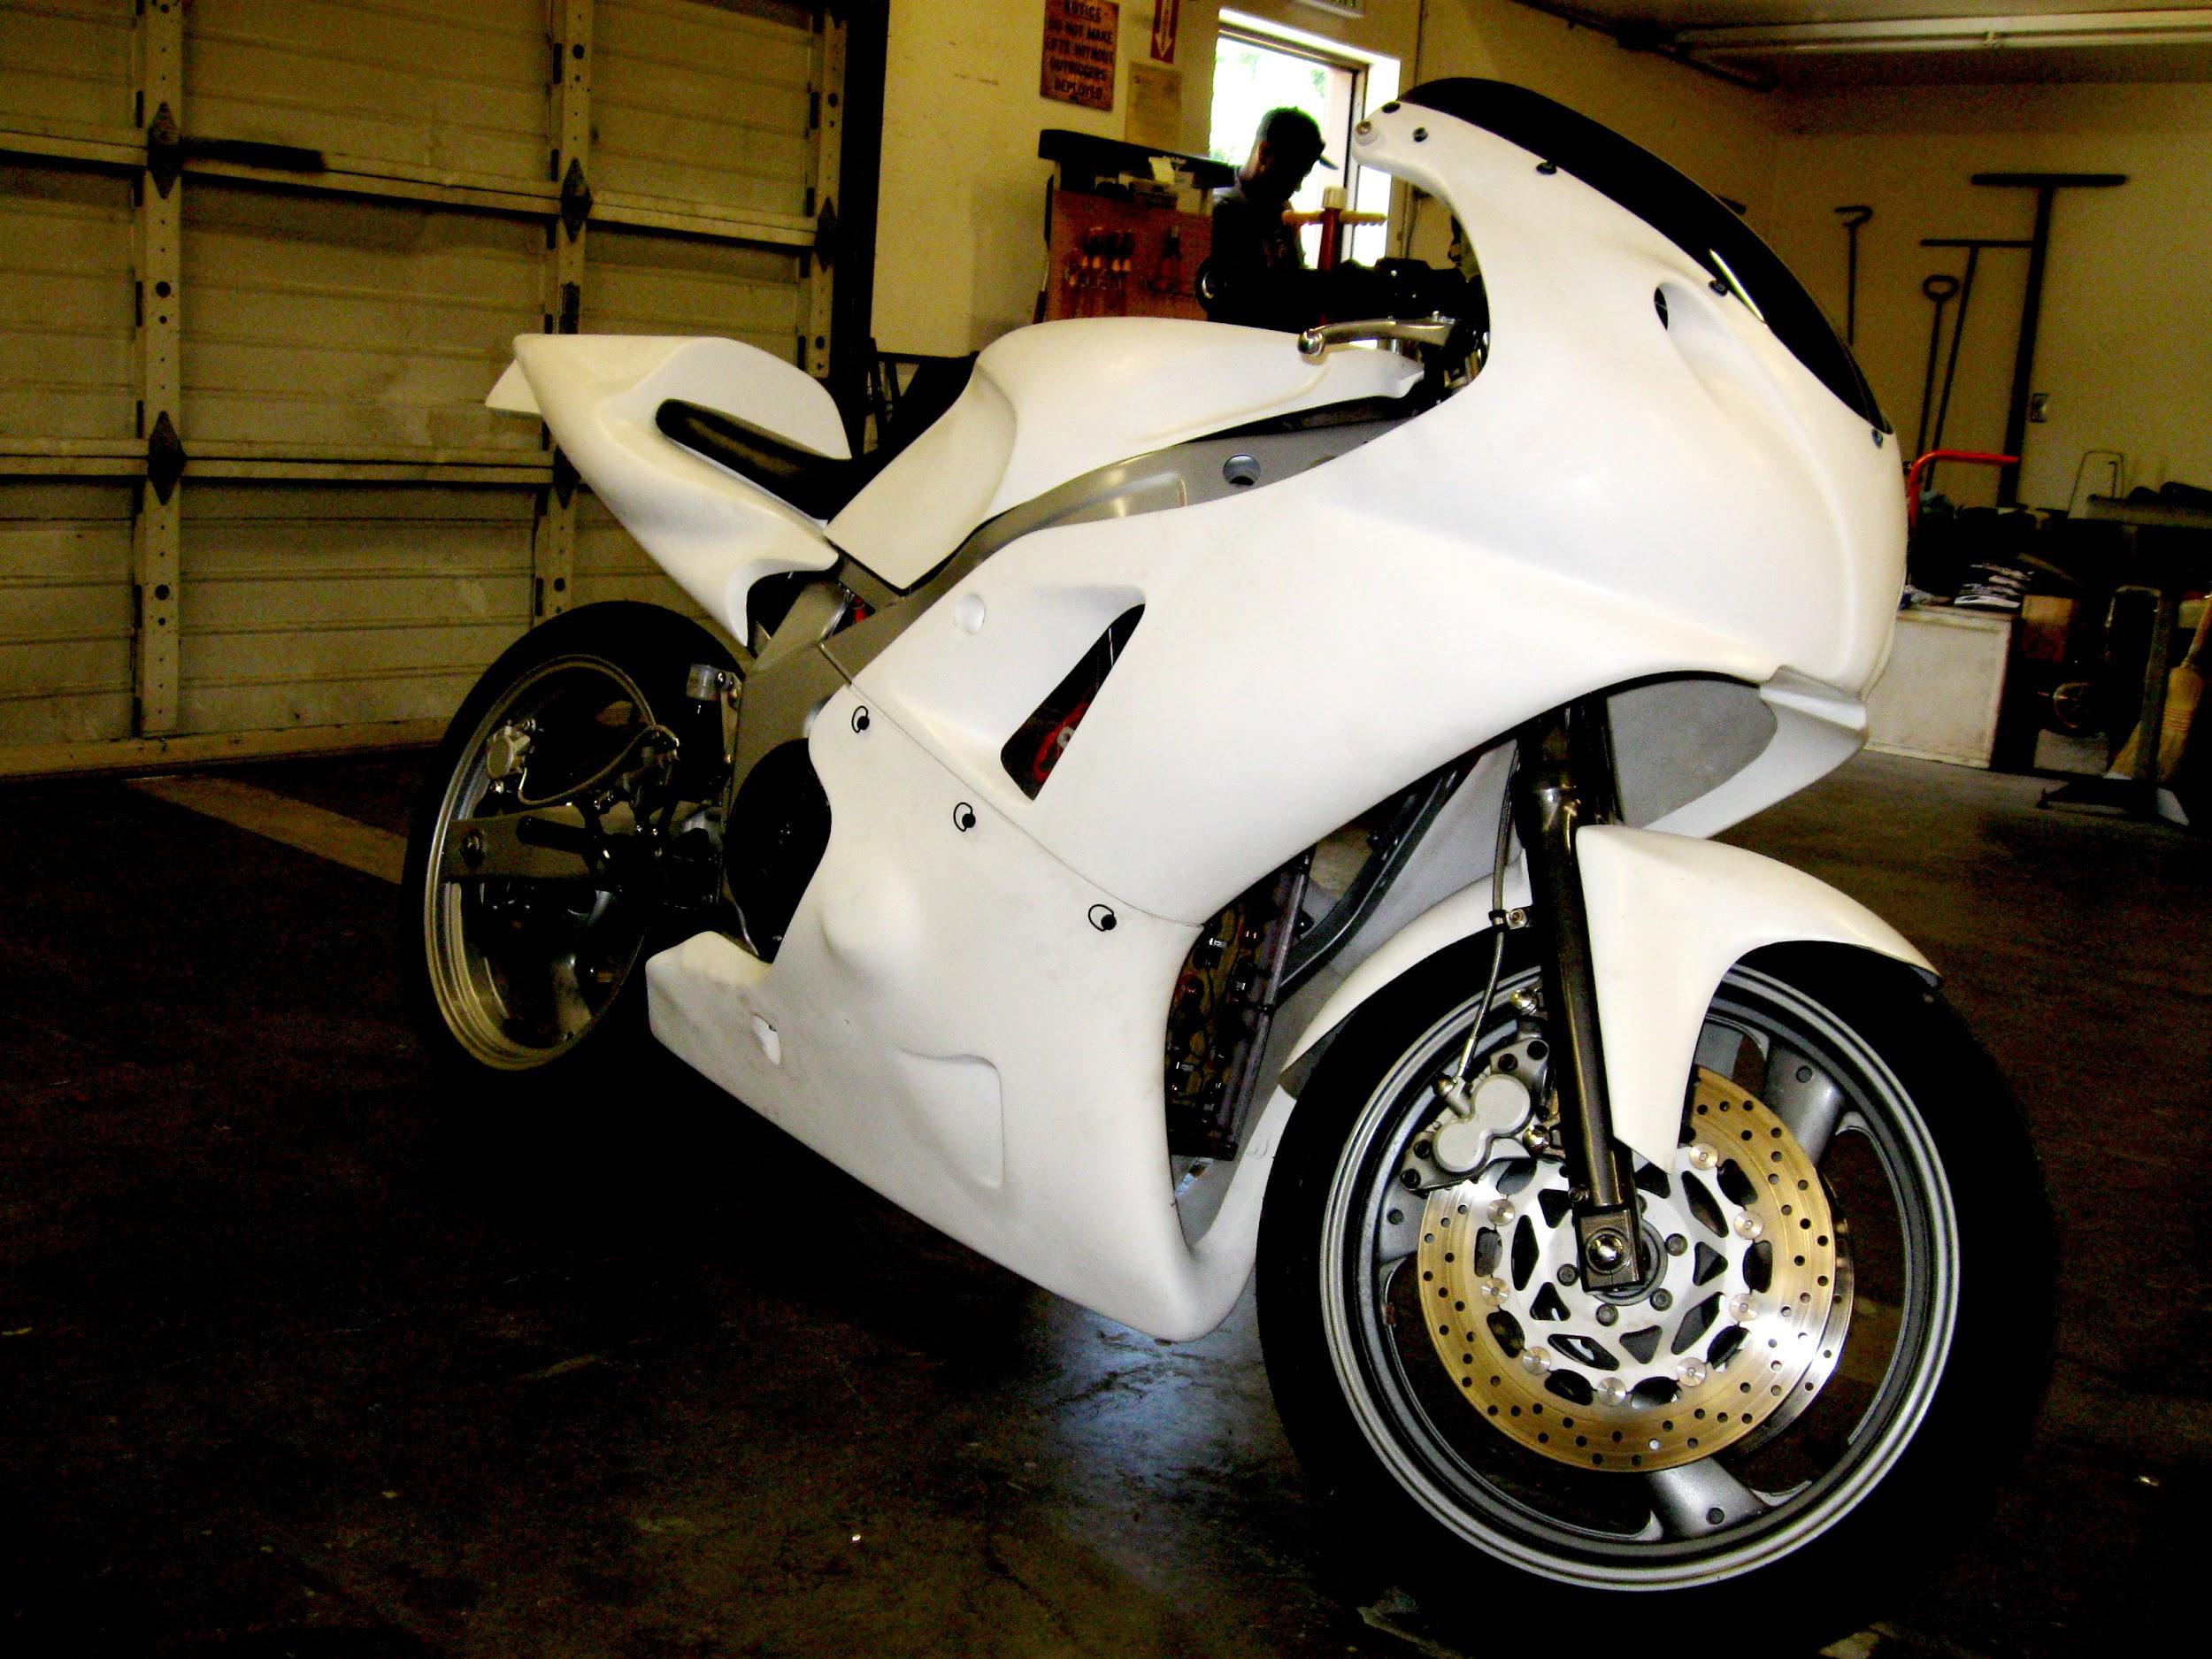 EMC Motorcycle